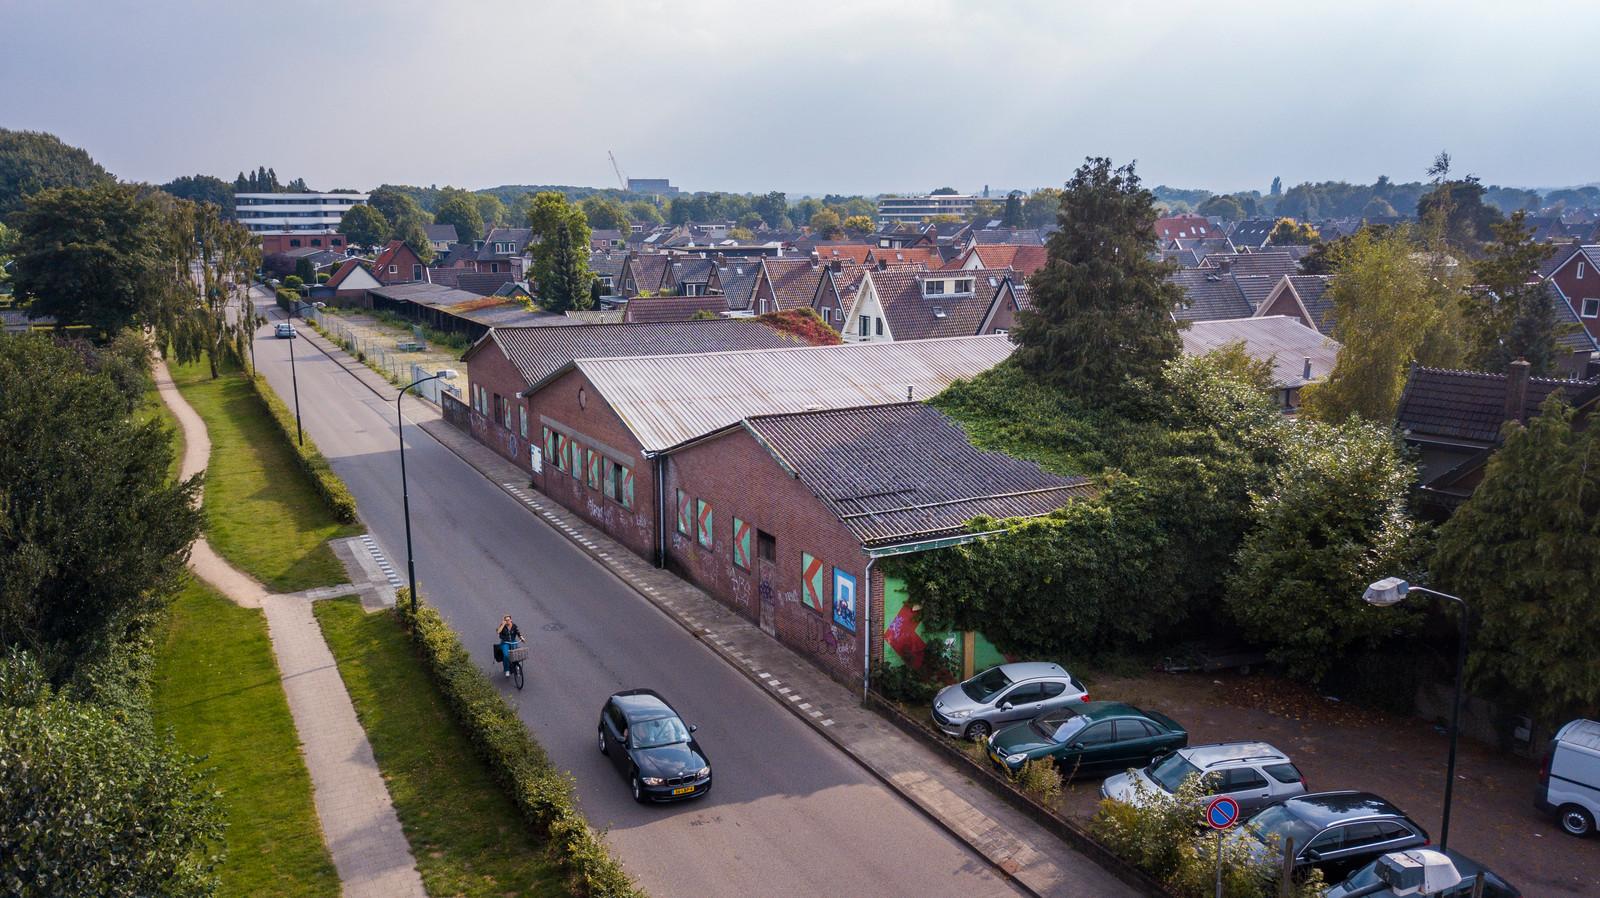 Hoe de voormalige Karwei-bouwmarkt in Apeldoorn-West erbij ligt is de gemeente een doorn in het oog. Maar de bouw van een supermarkt hier toestaan, waarmee B en W dat willen oplossen, dat gaat de gemeenteraad veel te ver.